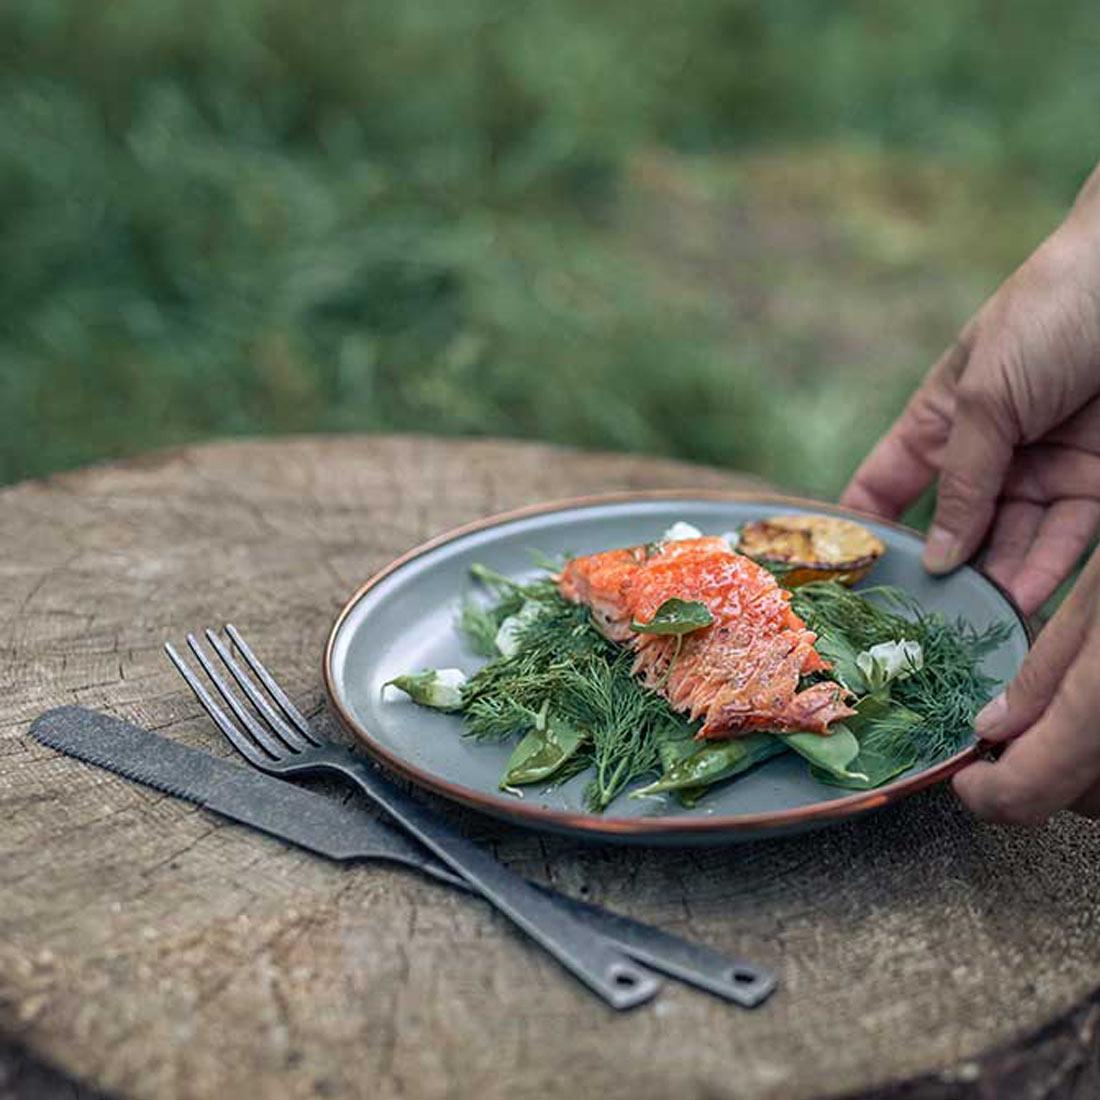 ベアボーンズ リビング エナメル 8インチ サラダプレート 2枚セット クックウェア  国内正規品